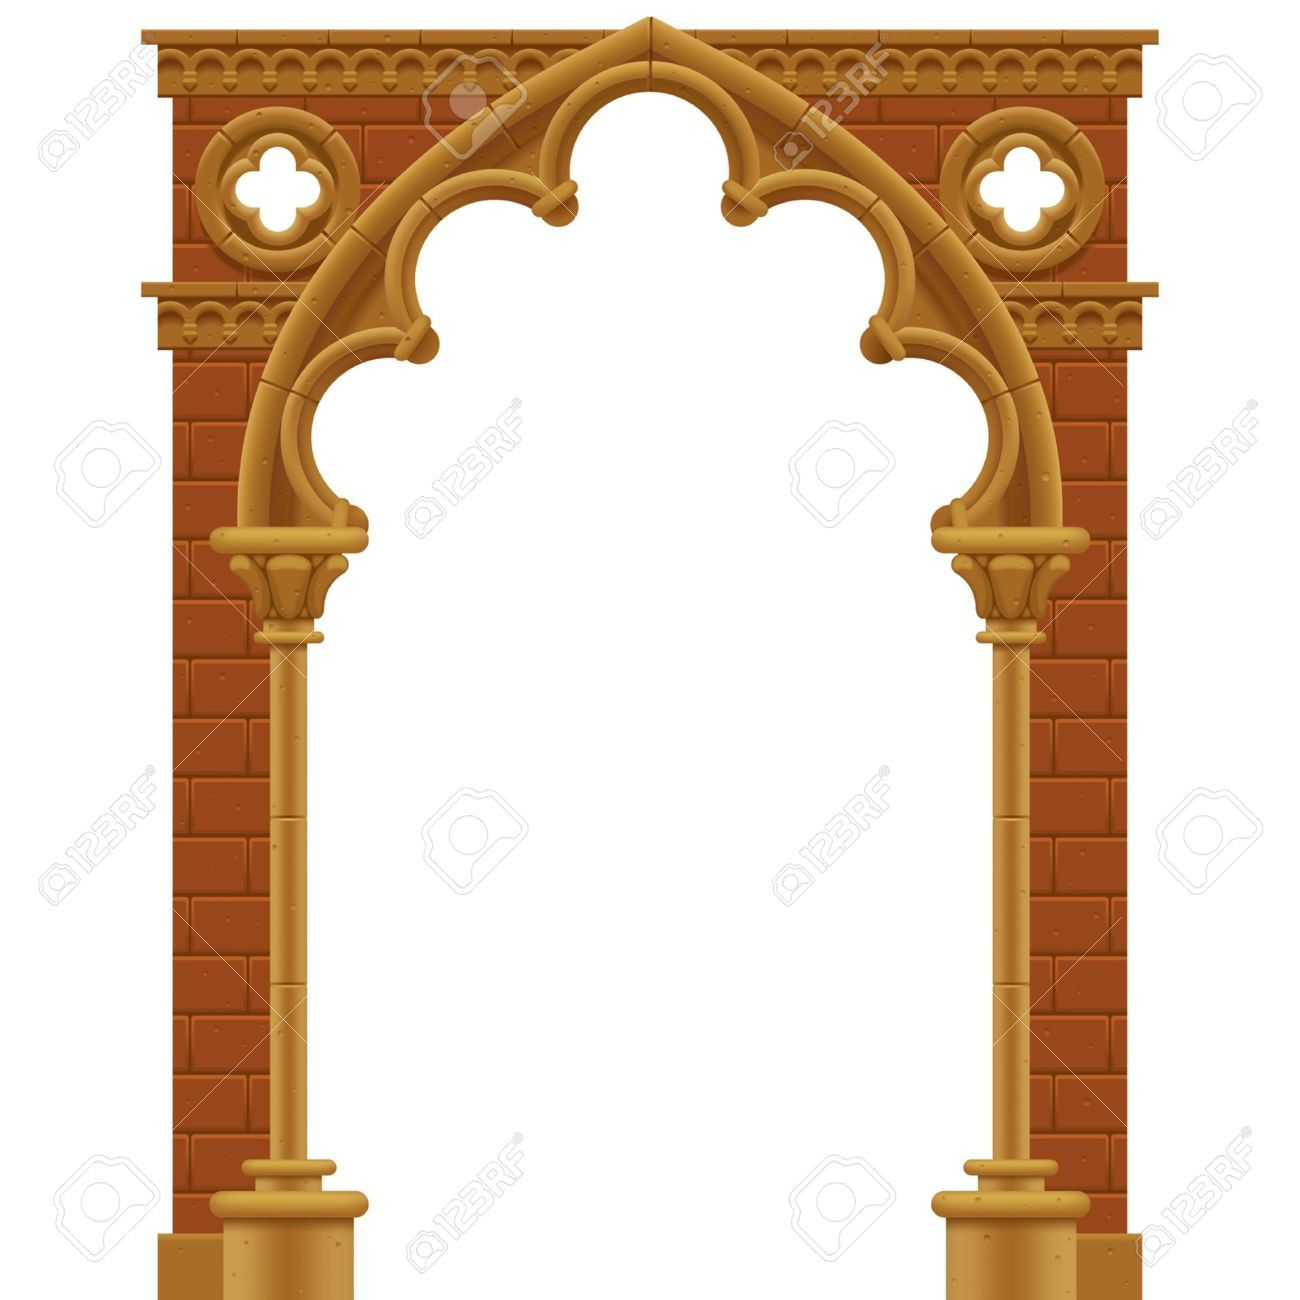 20237517 Rahmen In Form Der Stein Verziert Gotischen Bogen Lizenzfreie Bilder Jpg 1300 1300 Architecture Design Arch Frame